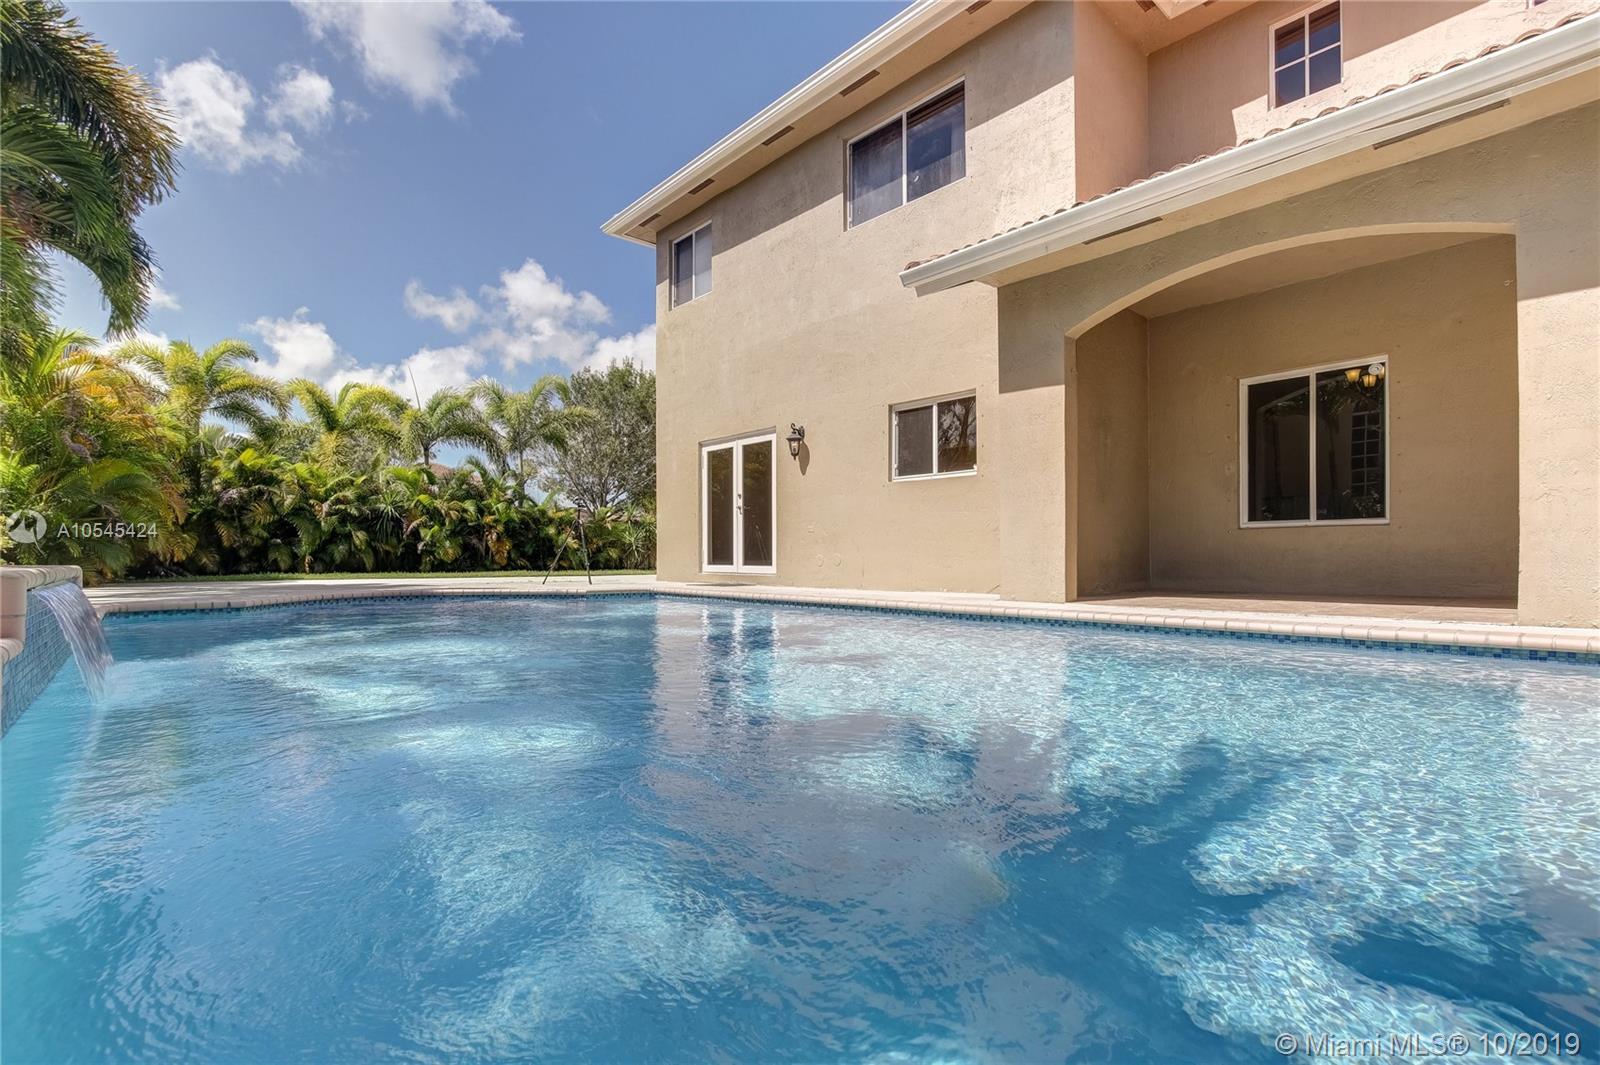 14005 S W 130th Avenue  For Sale A10545424, FL